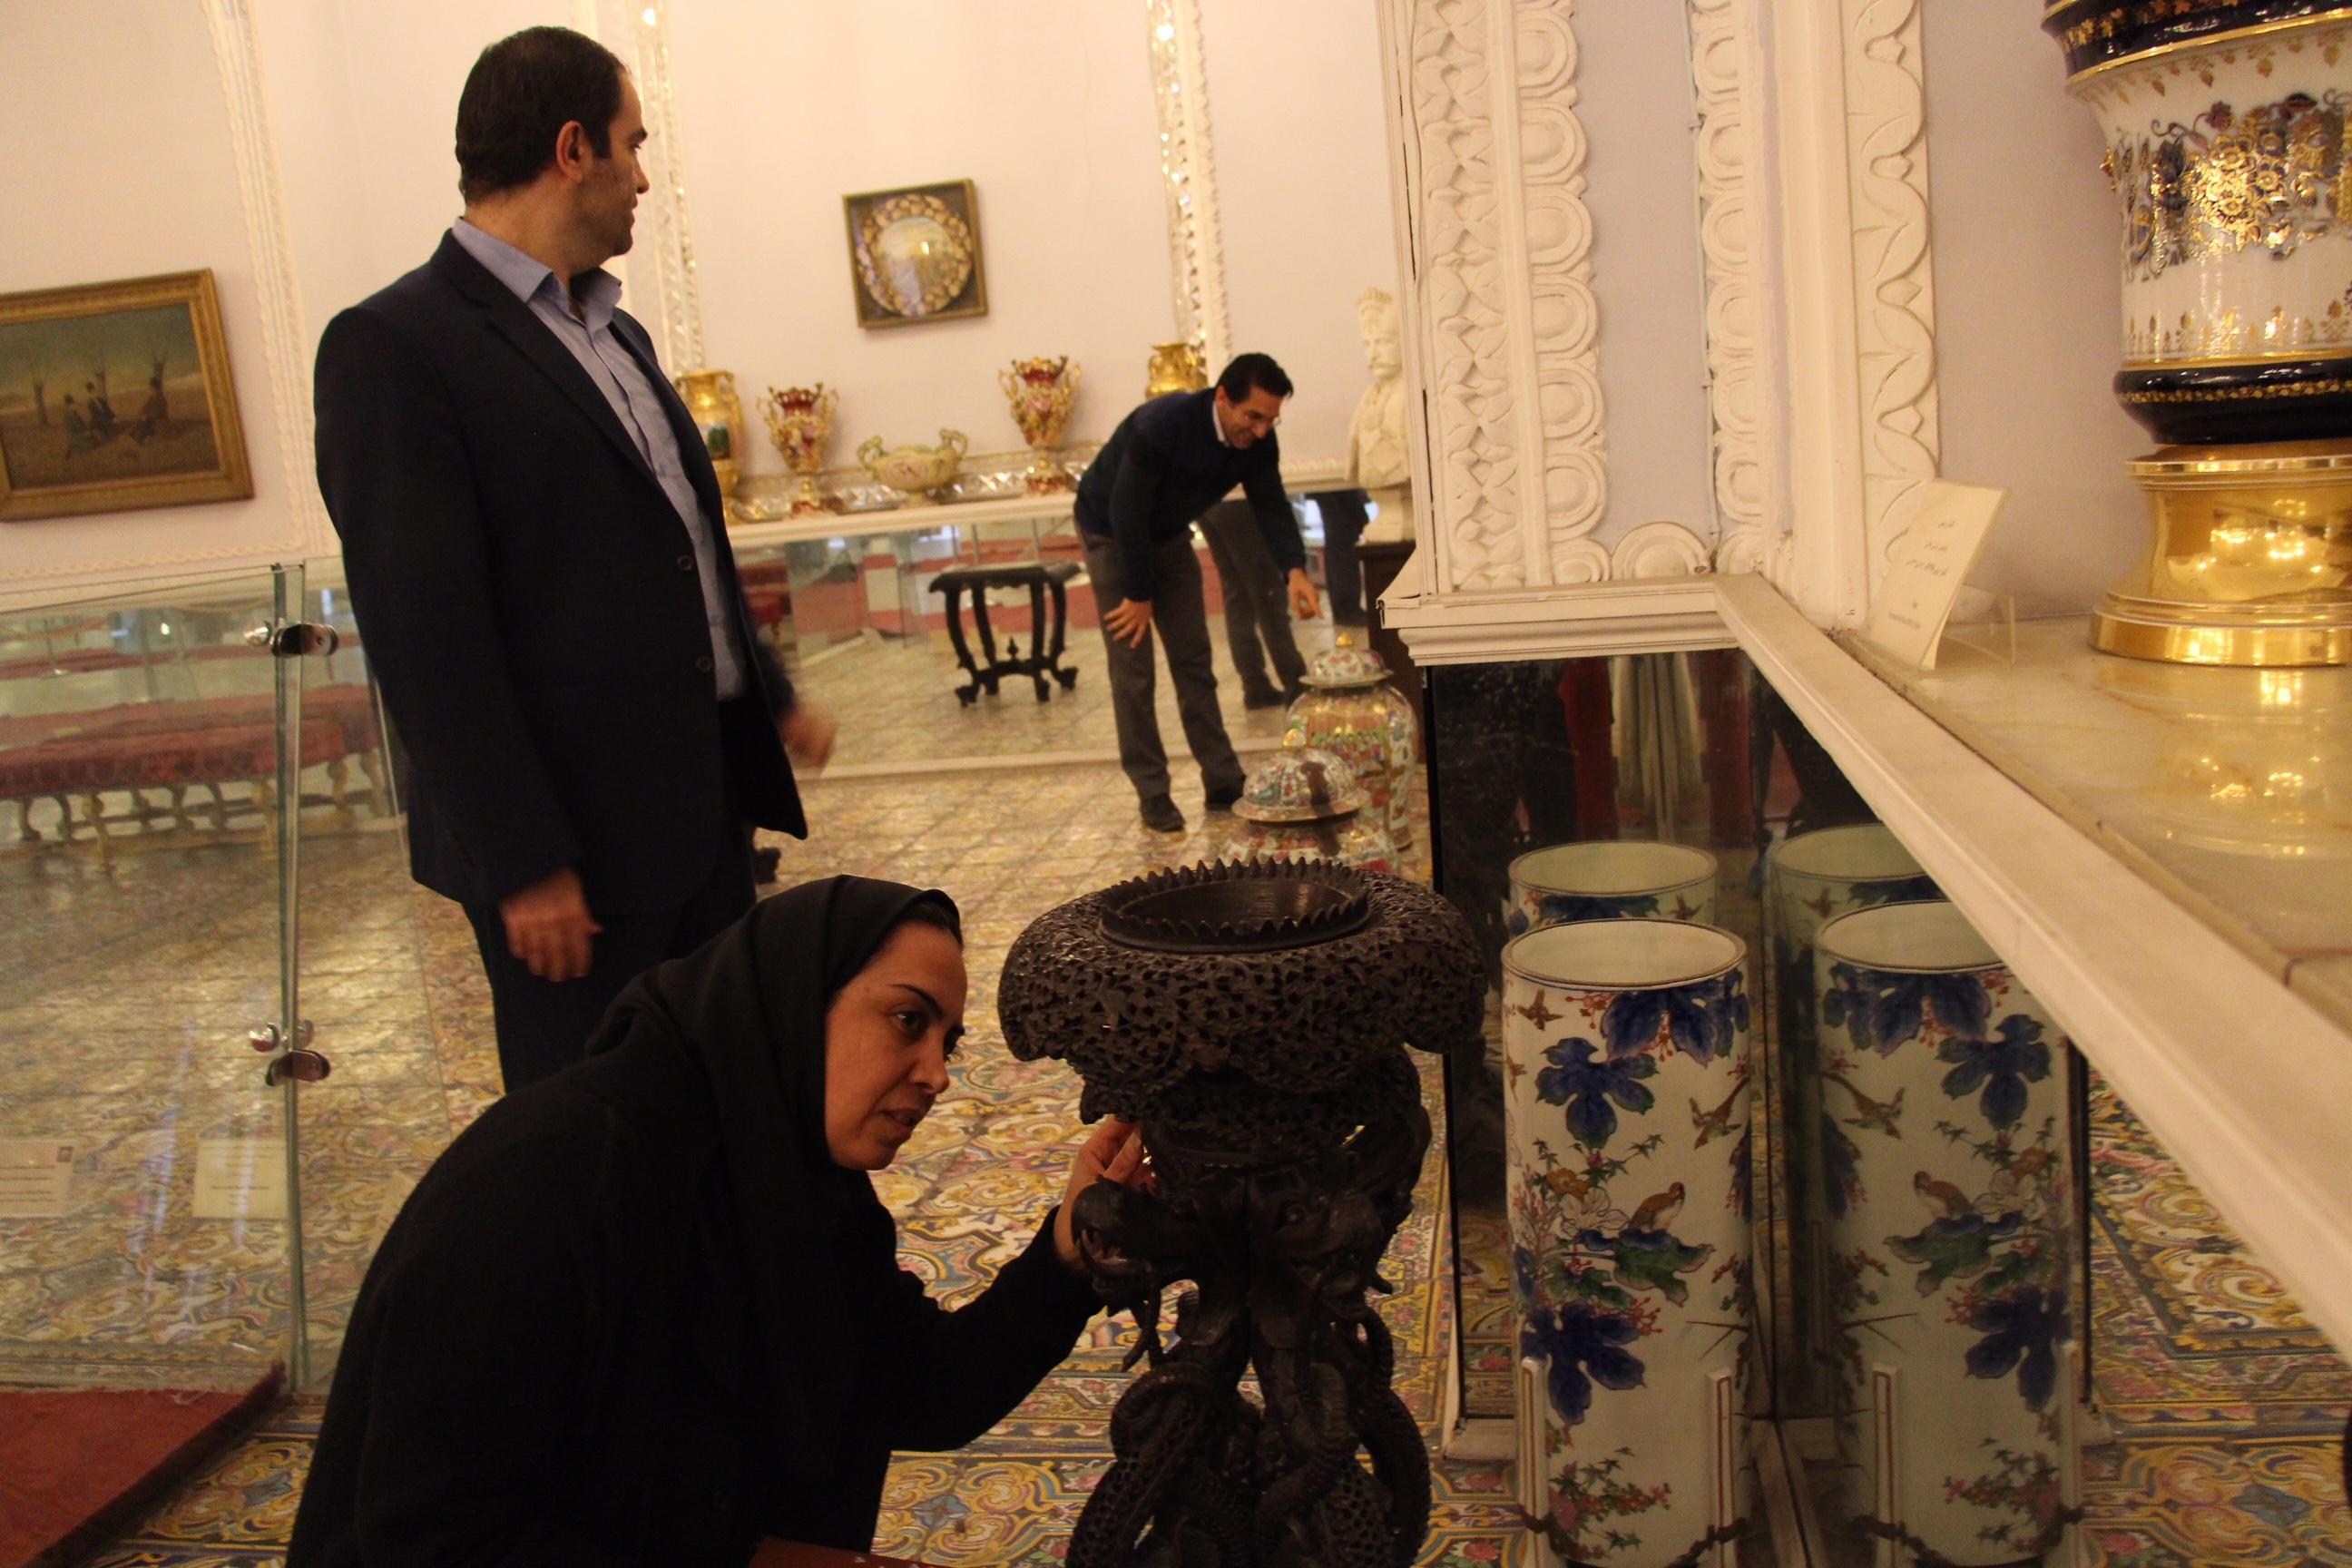 اشیاء موزهای کاخ گلستان به مخازن امن منتقل میشود